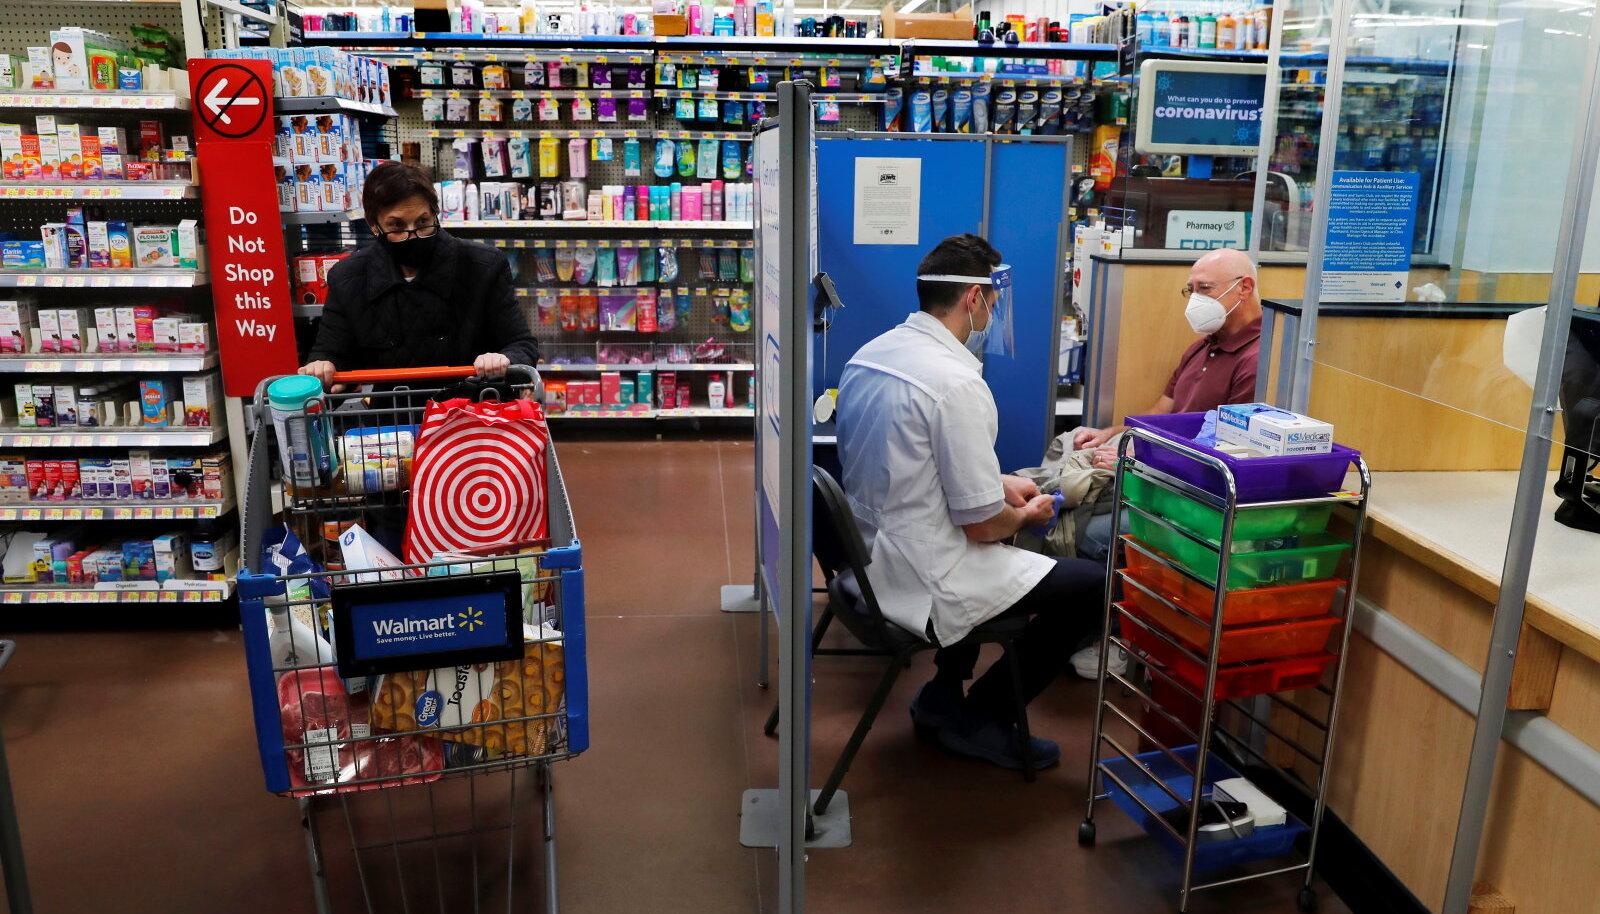 Walmart teatas sel nädalal, et vaktsineeritud nende poes maski kandma enam ei pea